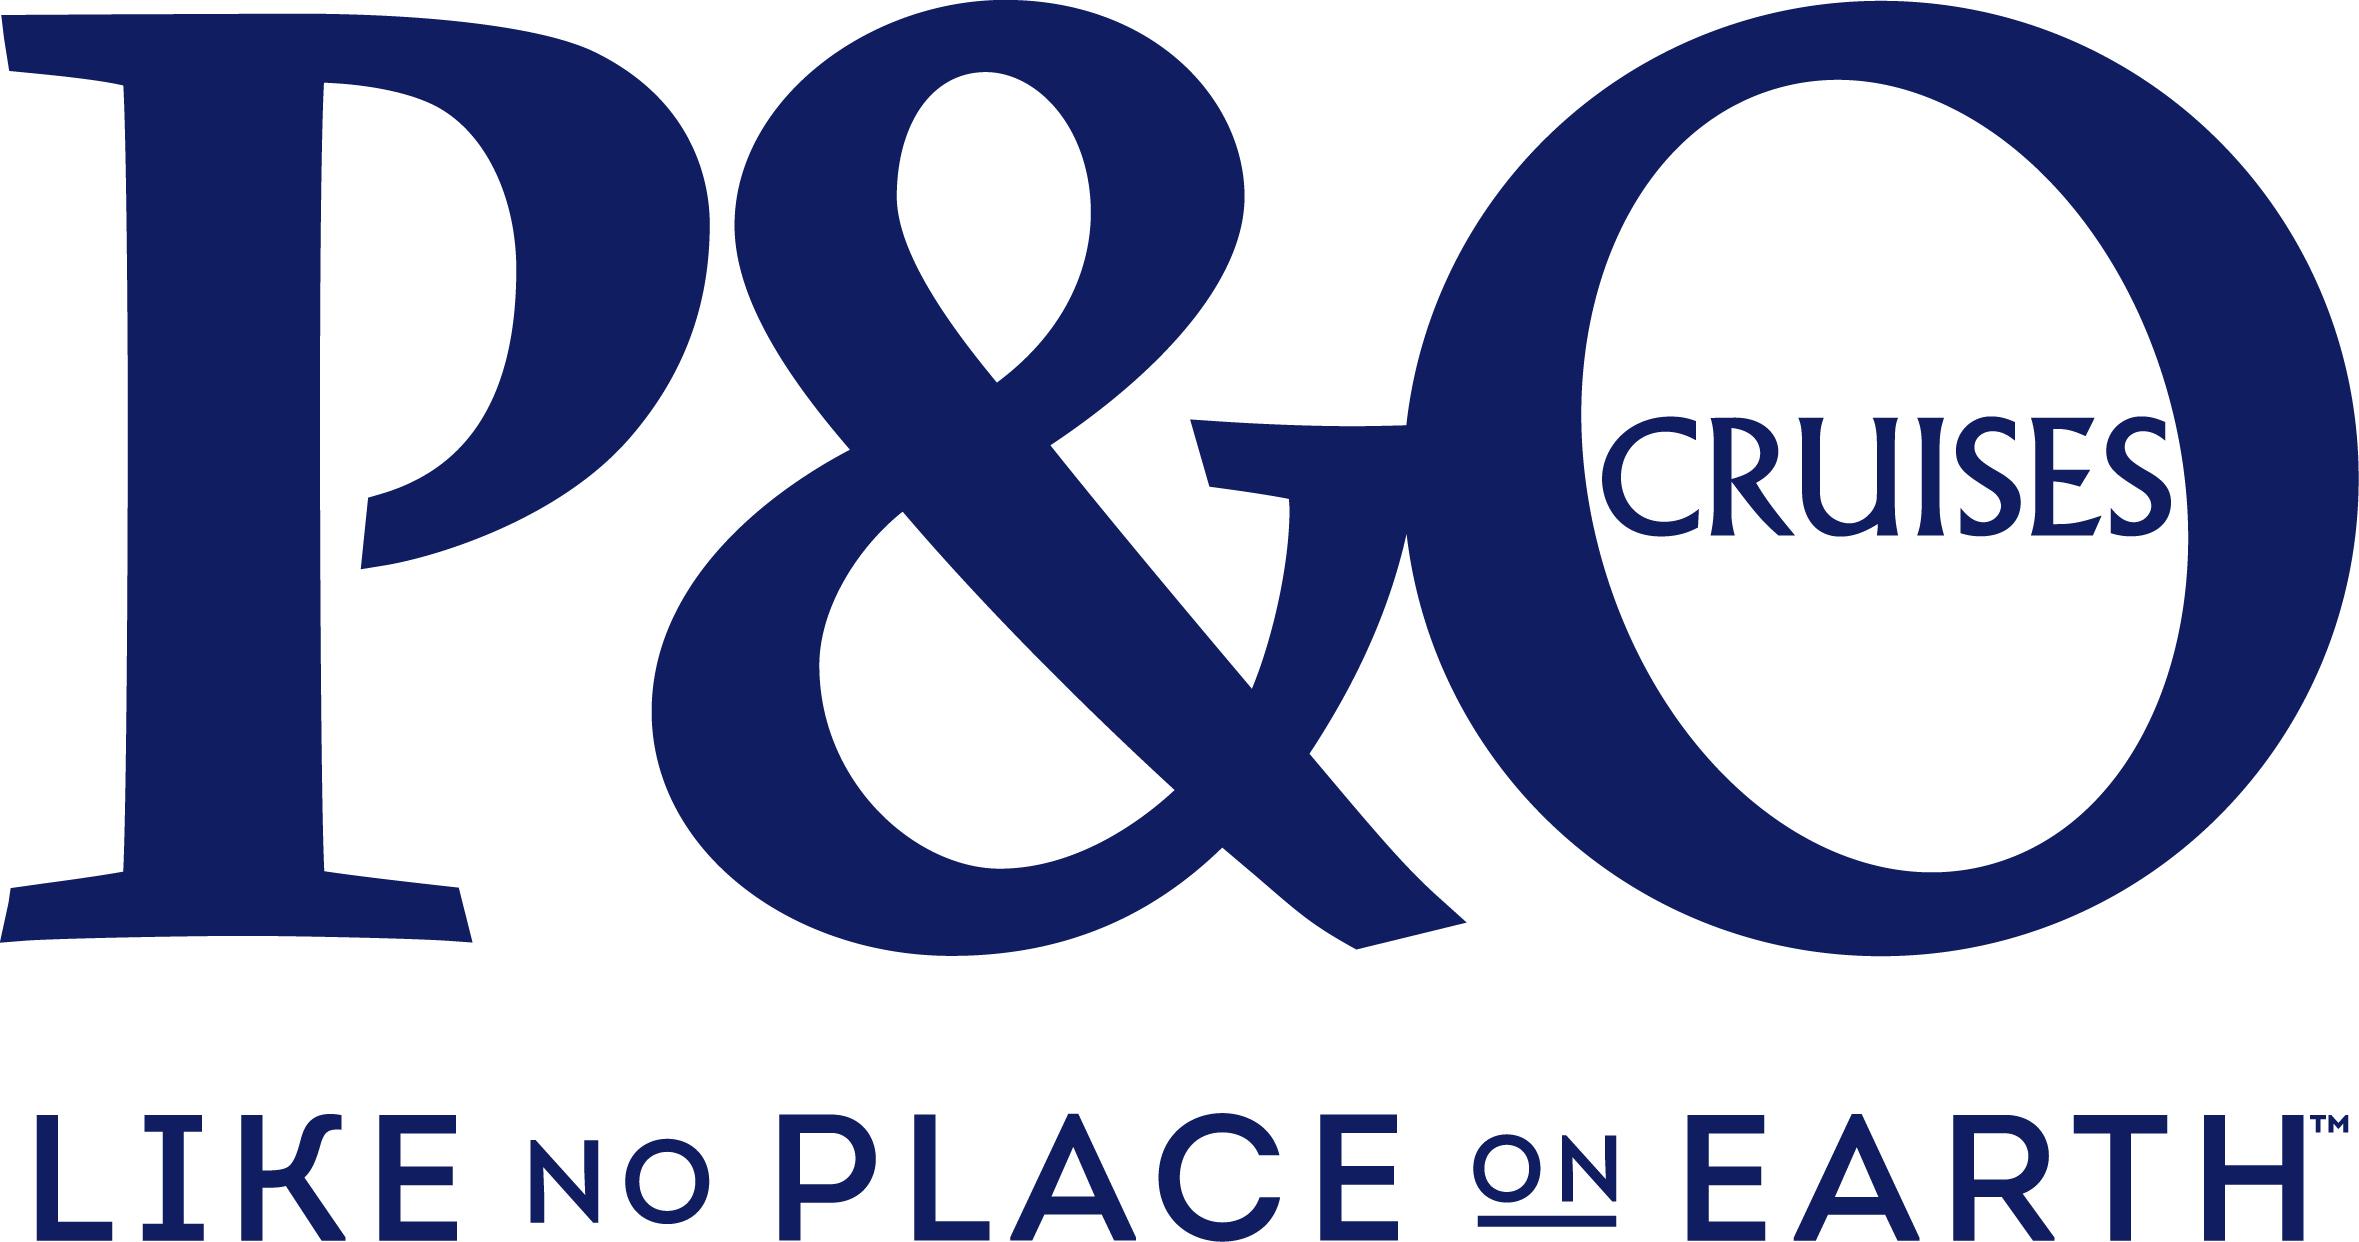 Afbeeldingsresultaat voor P&O Cruises Australia Logo